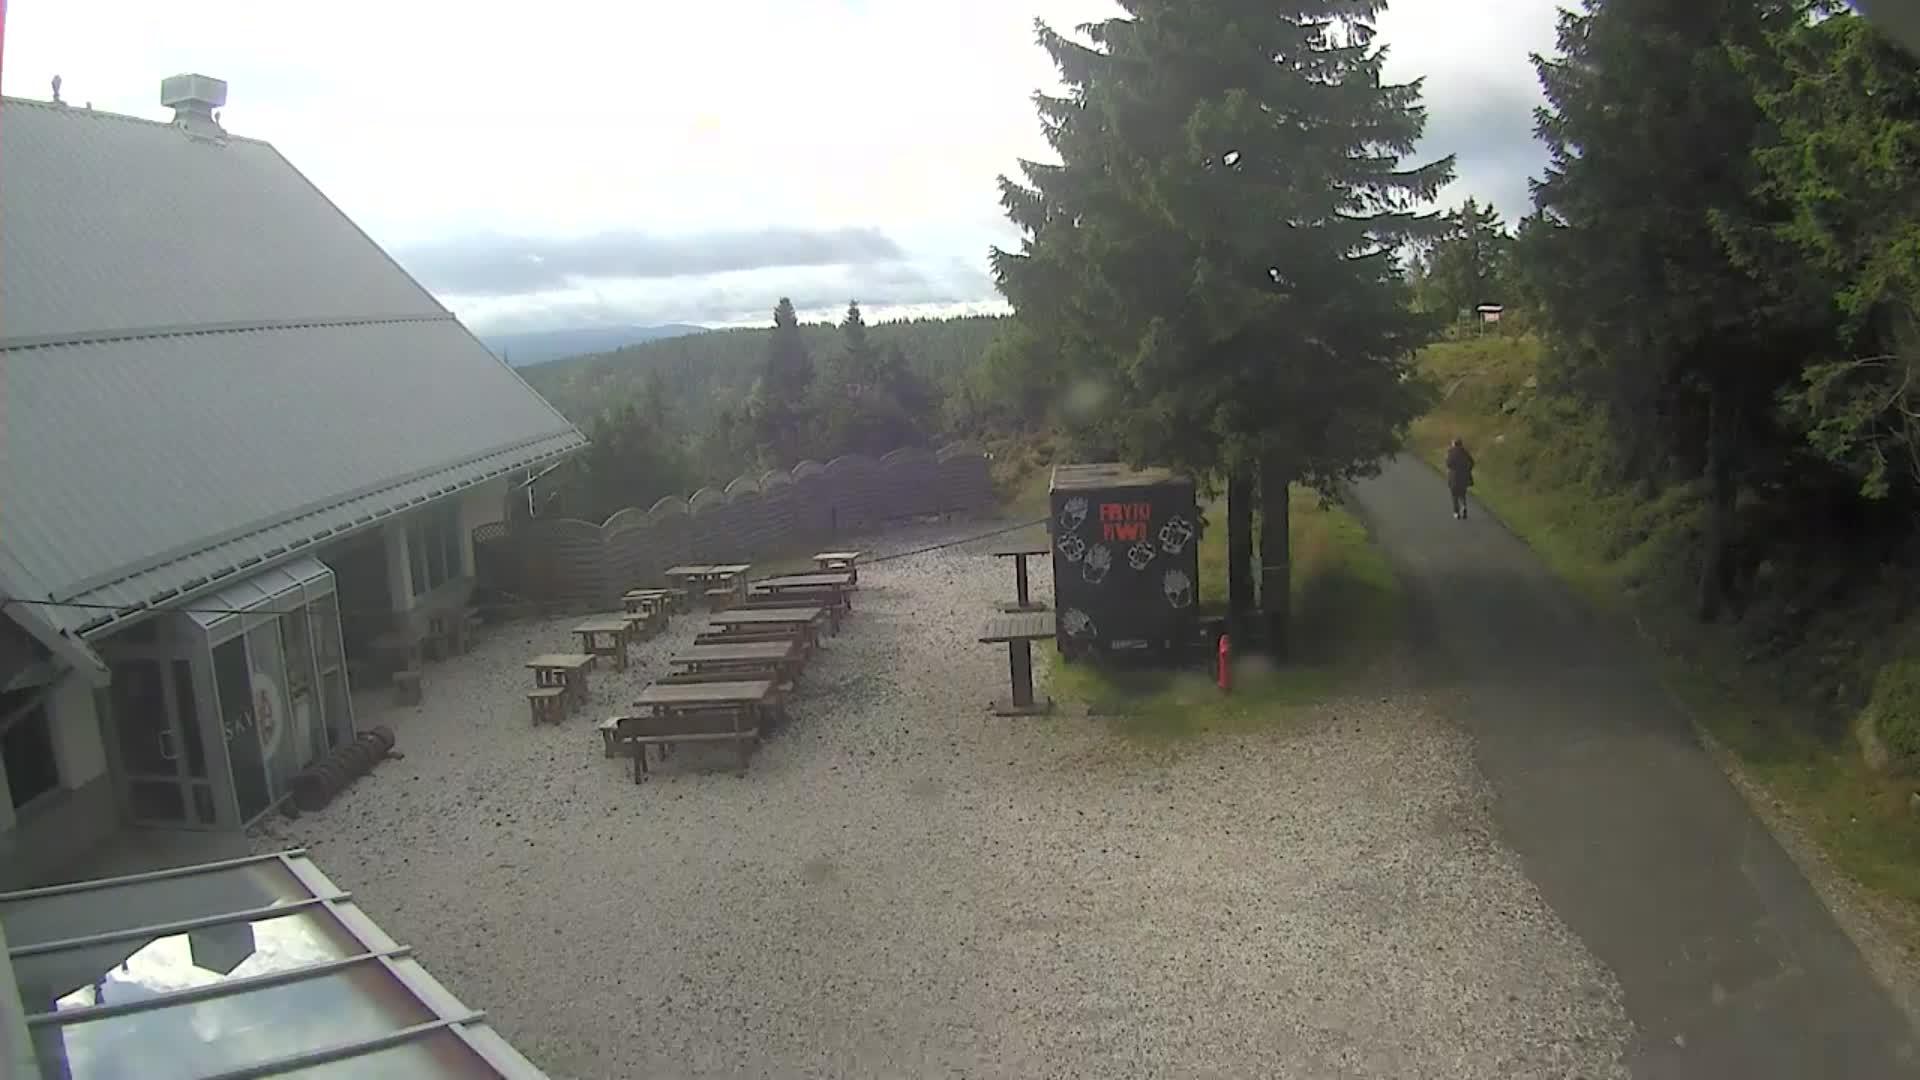 Webcam Ski Resort Swieradow Zdroj cam 5 - Jizera Mountains